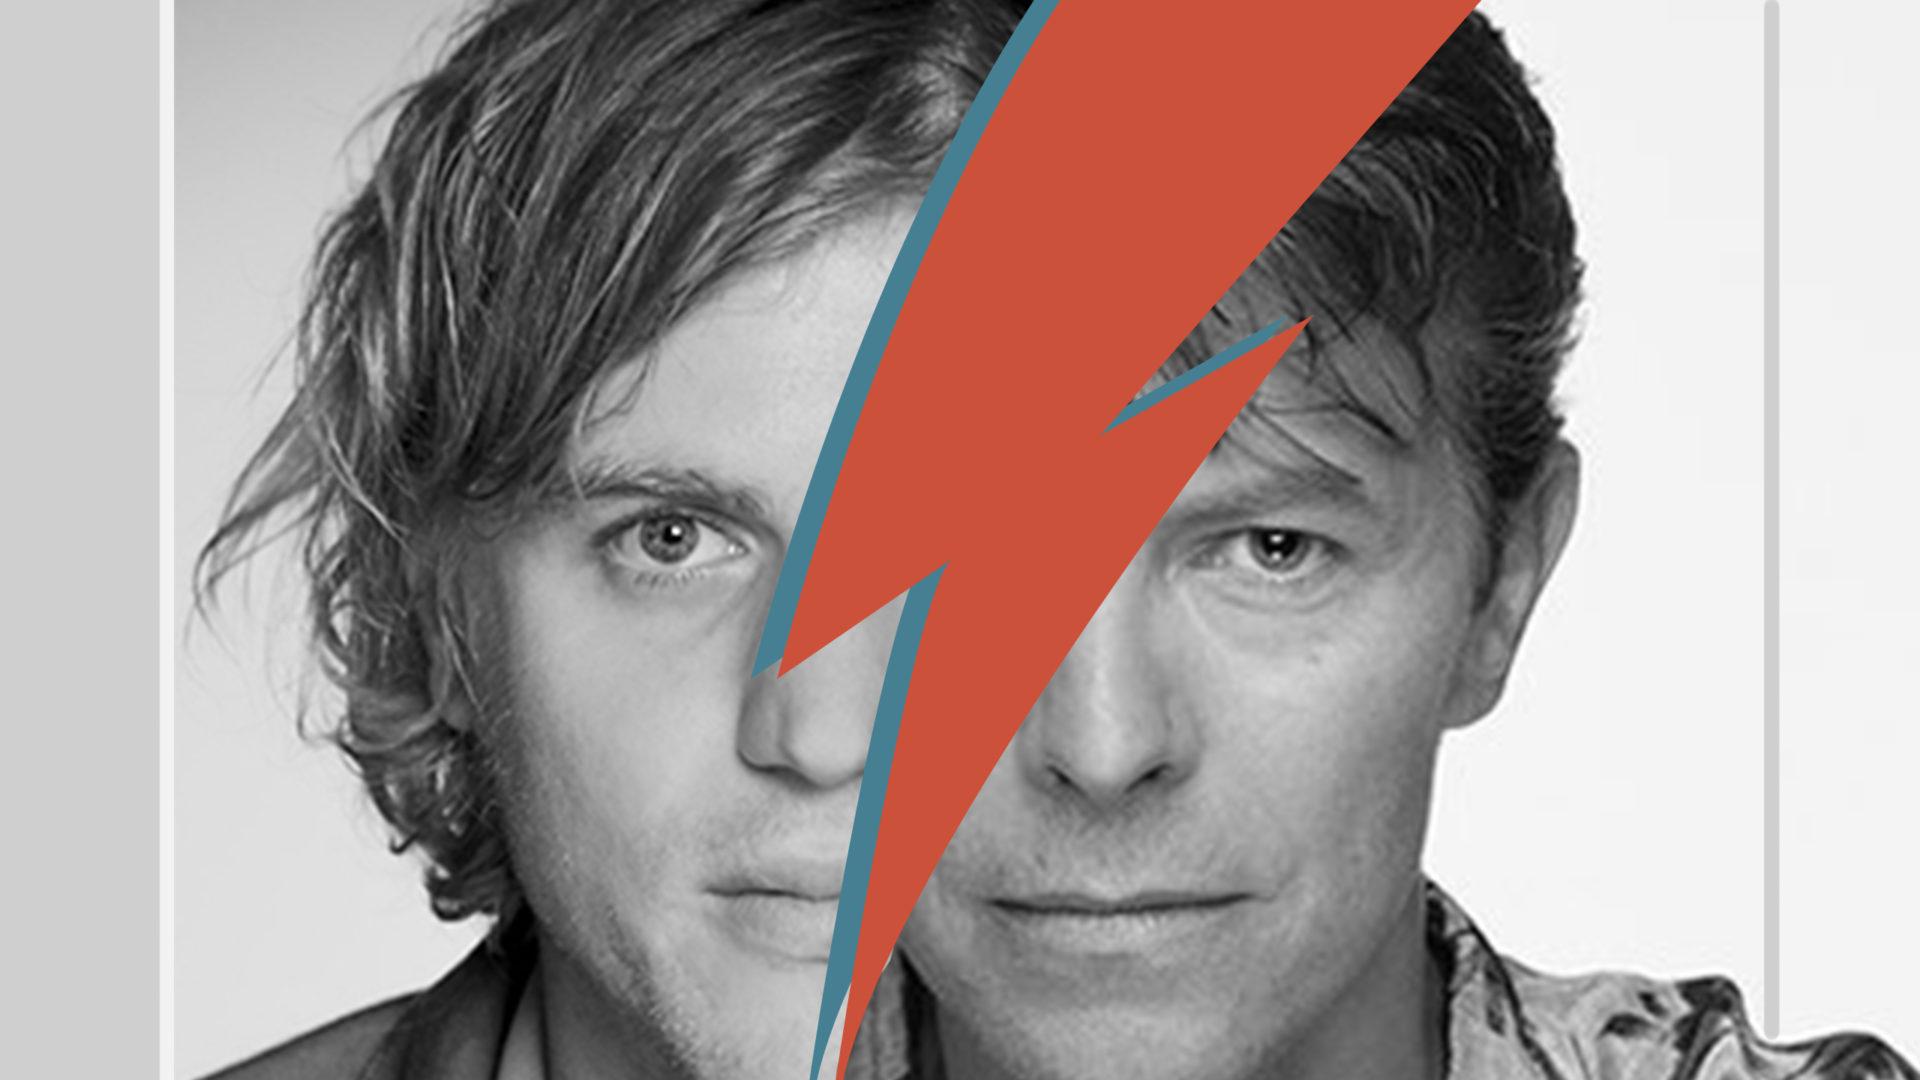 Biseksüel İkon David Bowie'yi Canlandıracak İsim Bulundu: Johnny Flynn